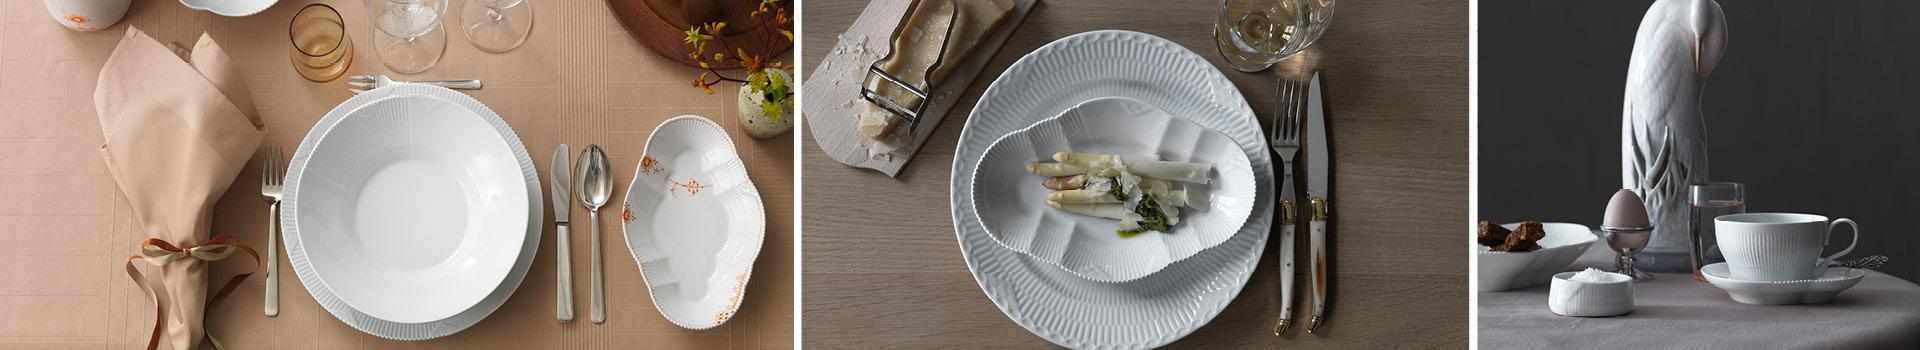 Royal-Copenhagen-White-Elements-d.jpg